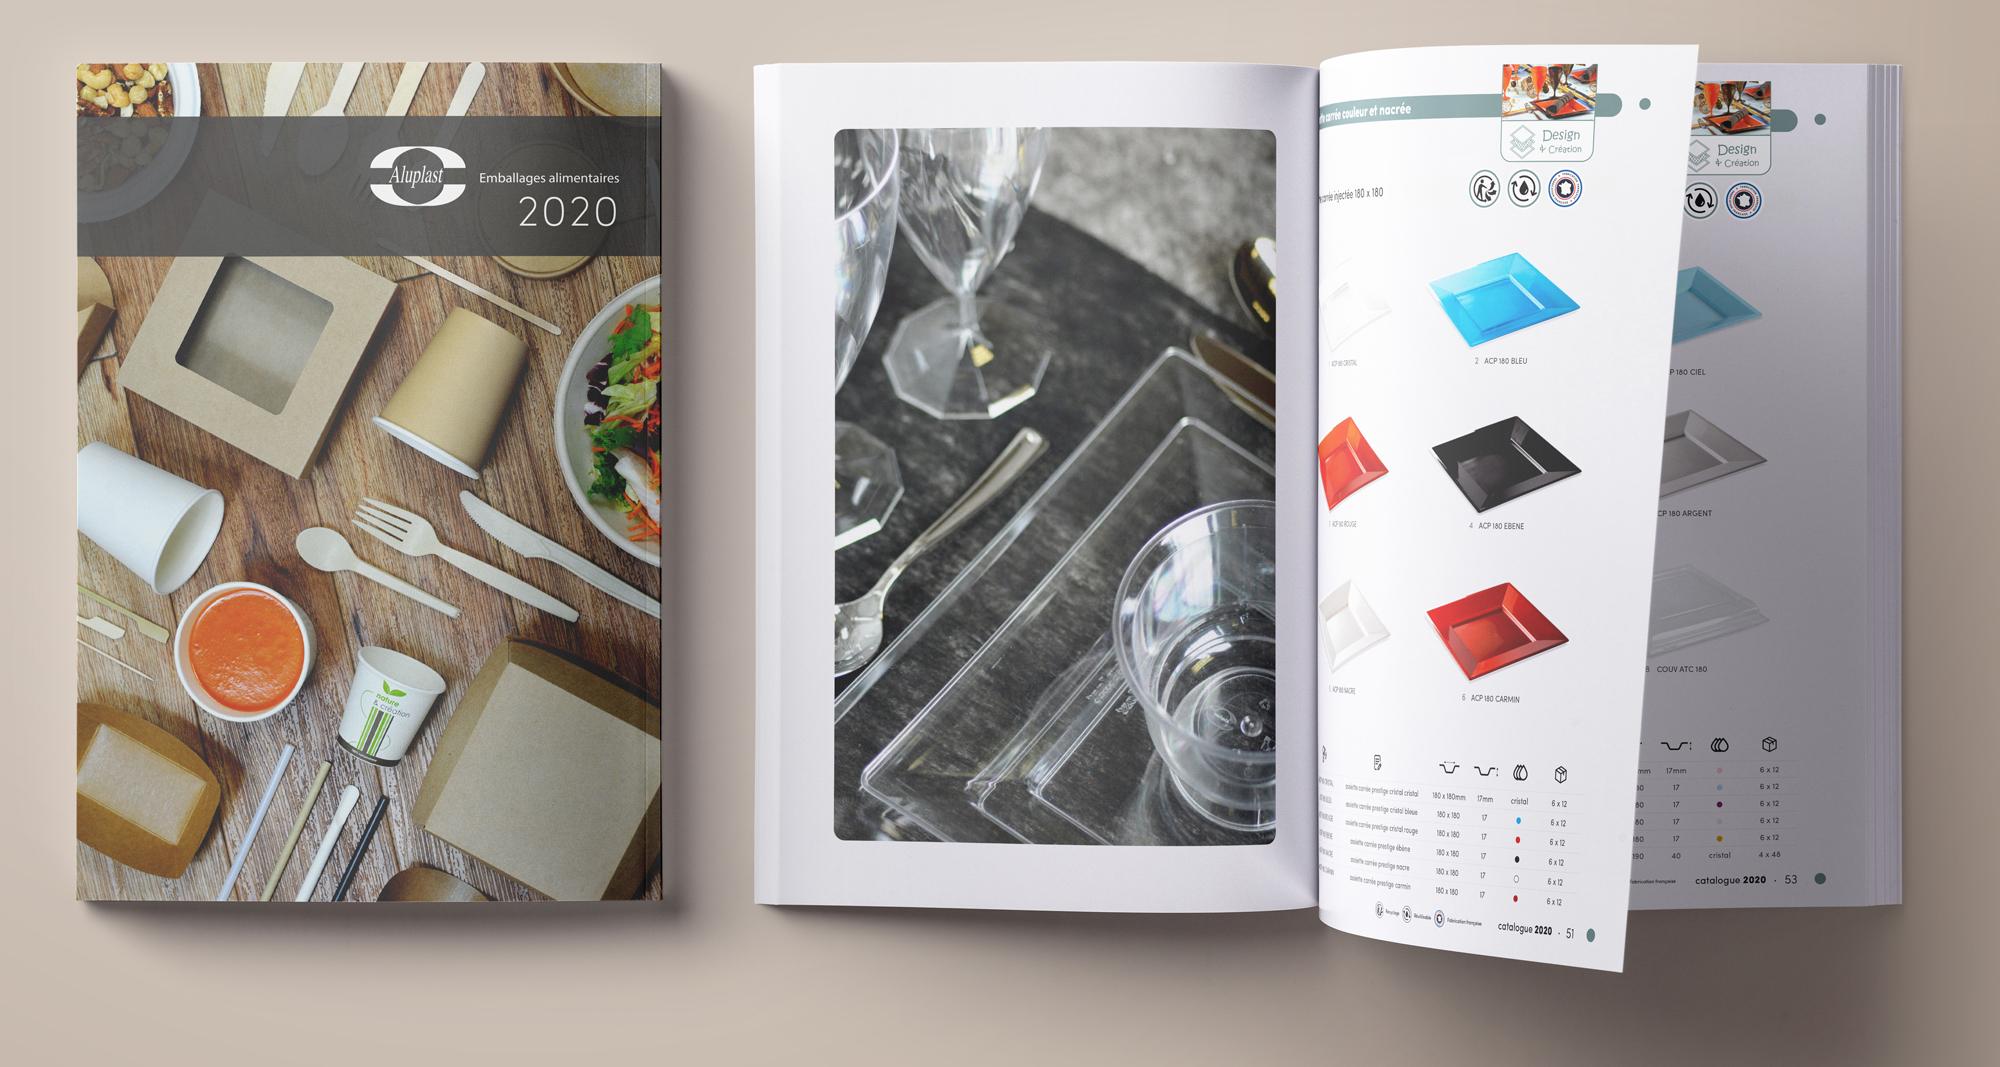 Création d'un catalogue produits pour Aluplast, spécialiste emballage alimentaire